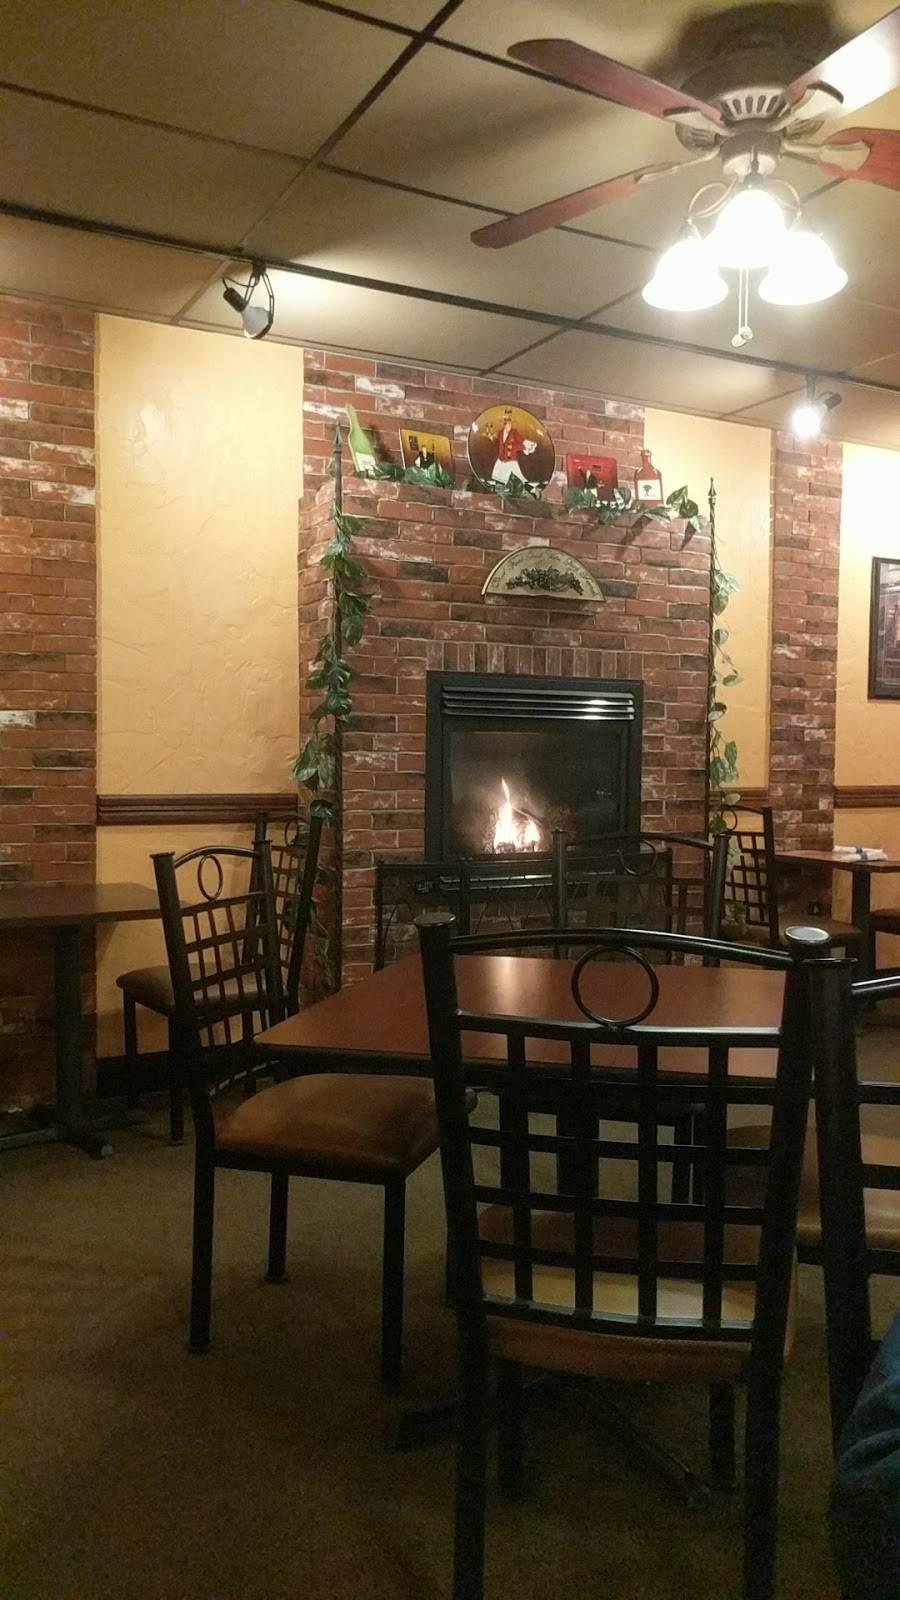 Romeo & Juliets | cafe | 9410, 2512 Sheridan Dr, Tonawanda, NY 14150, USA | 7168623980 OR +1 716-862-3980